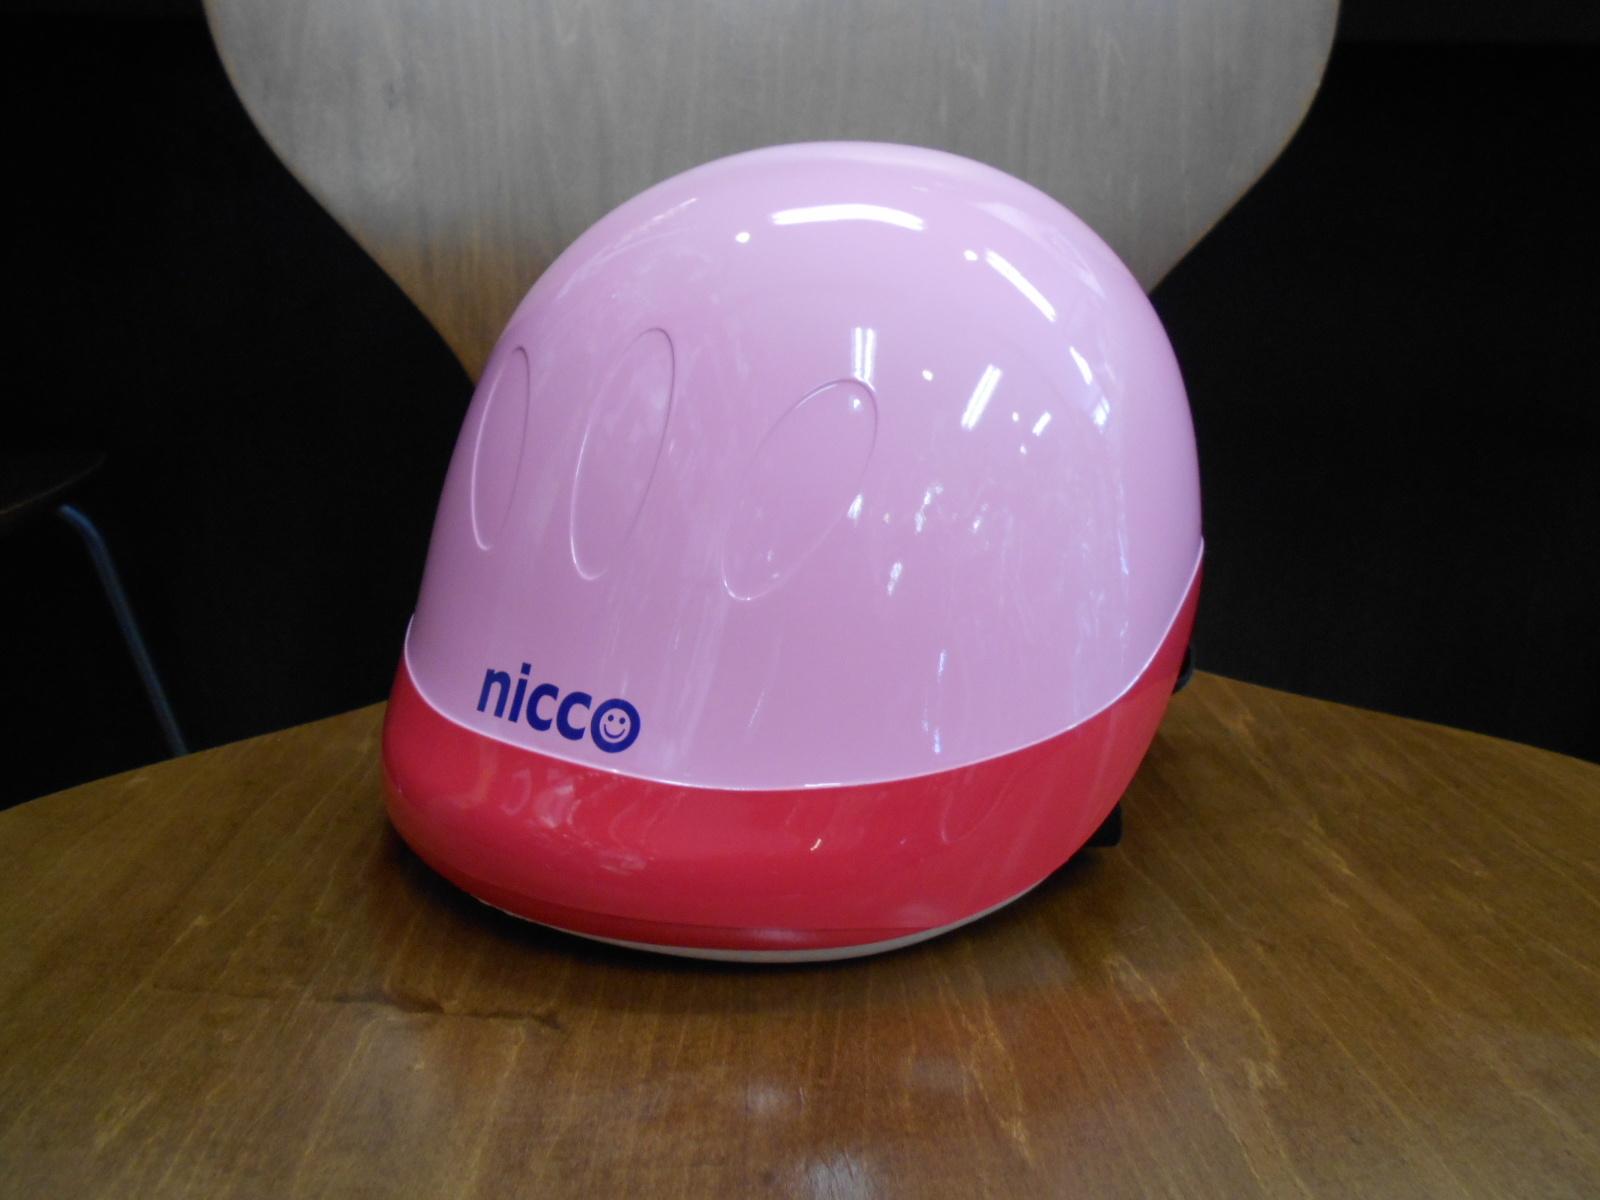 niccoが少量入荷しています_b0189682_12195176.jpg